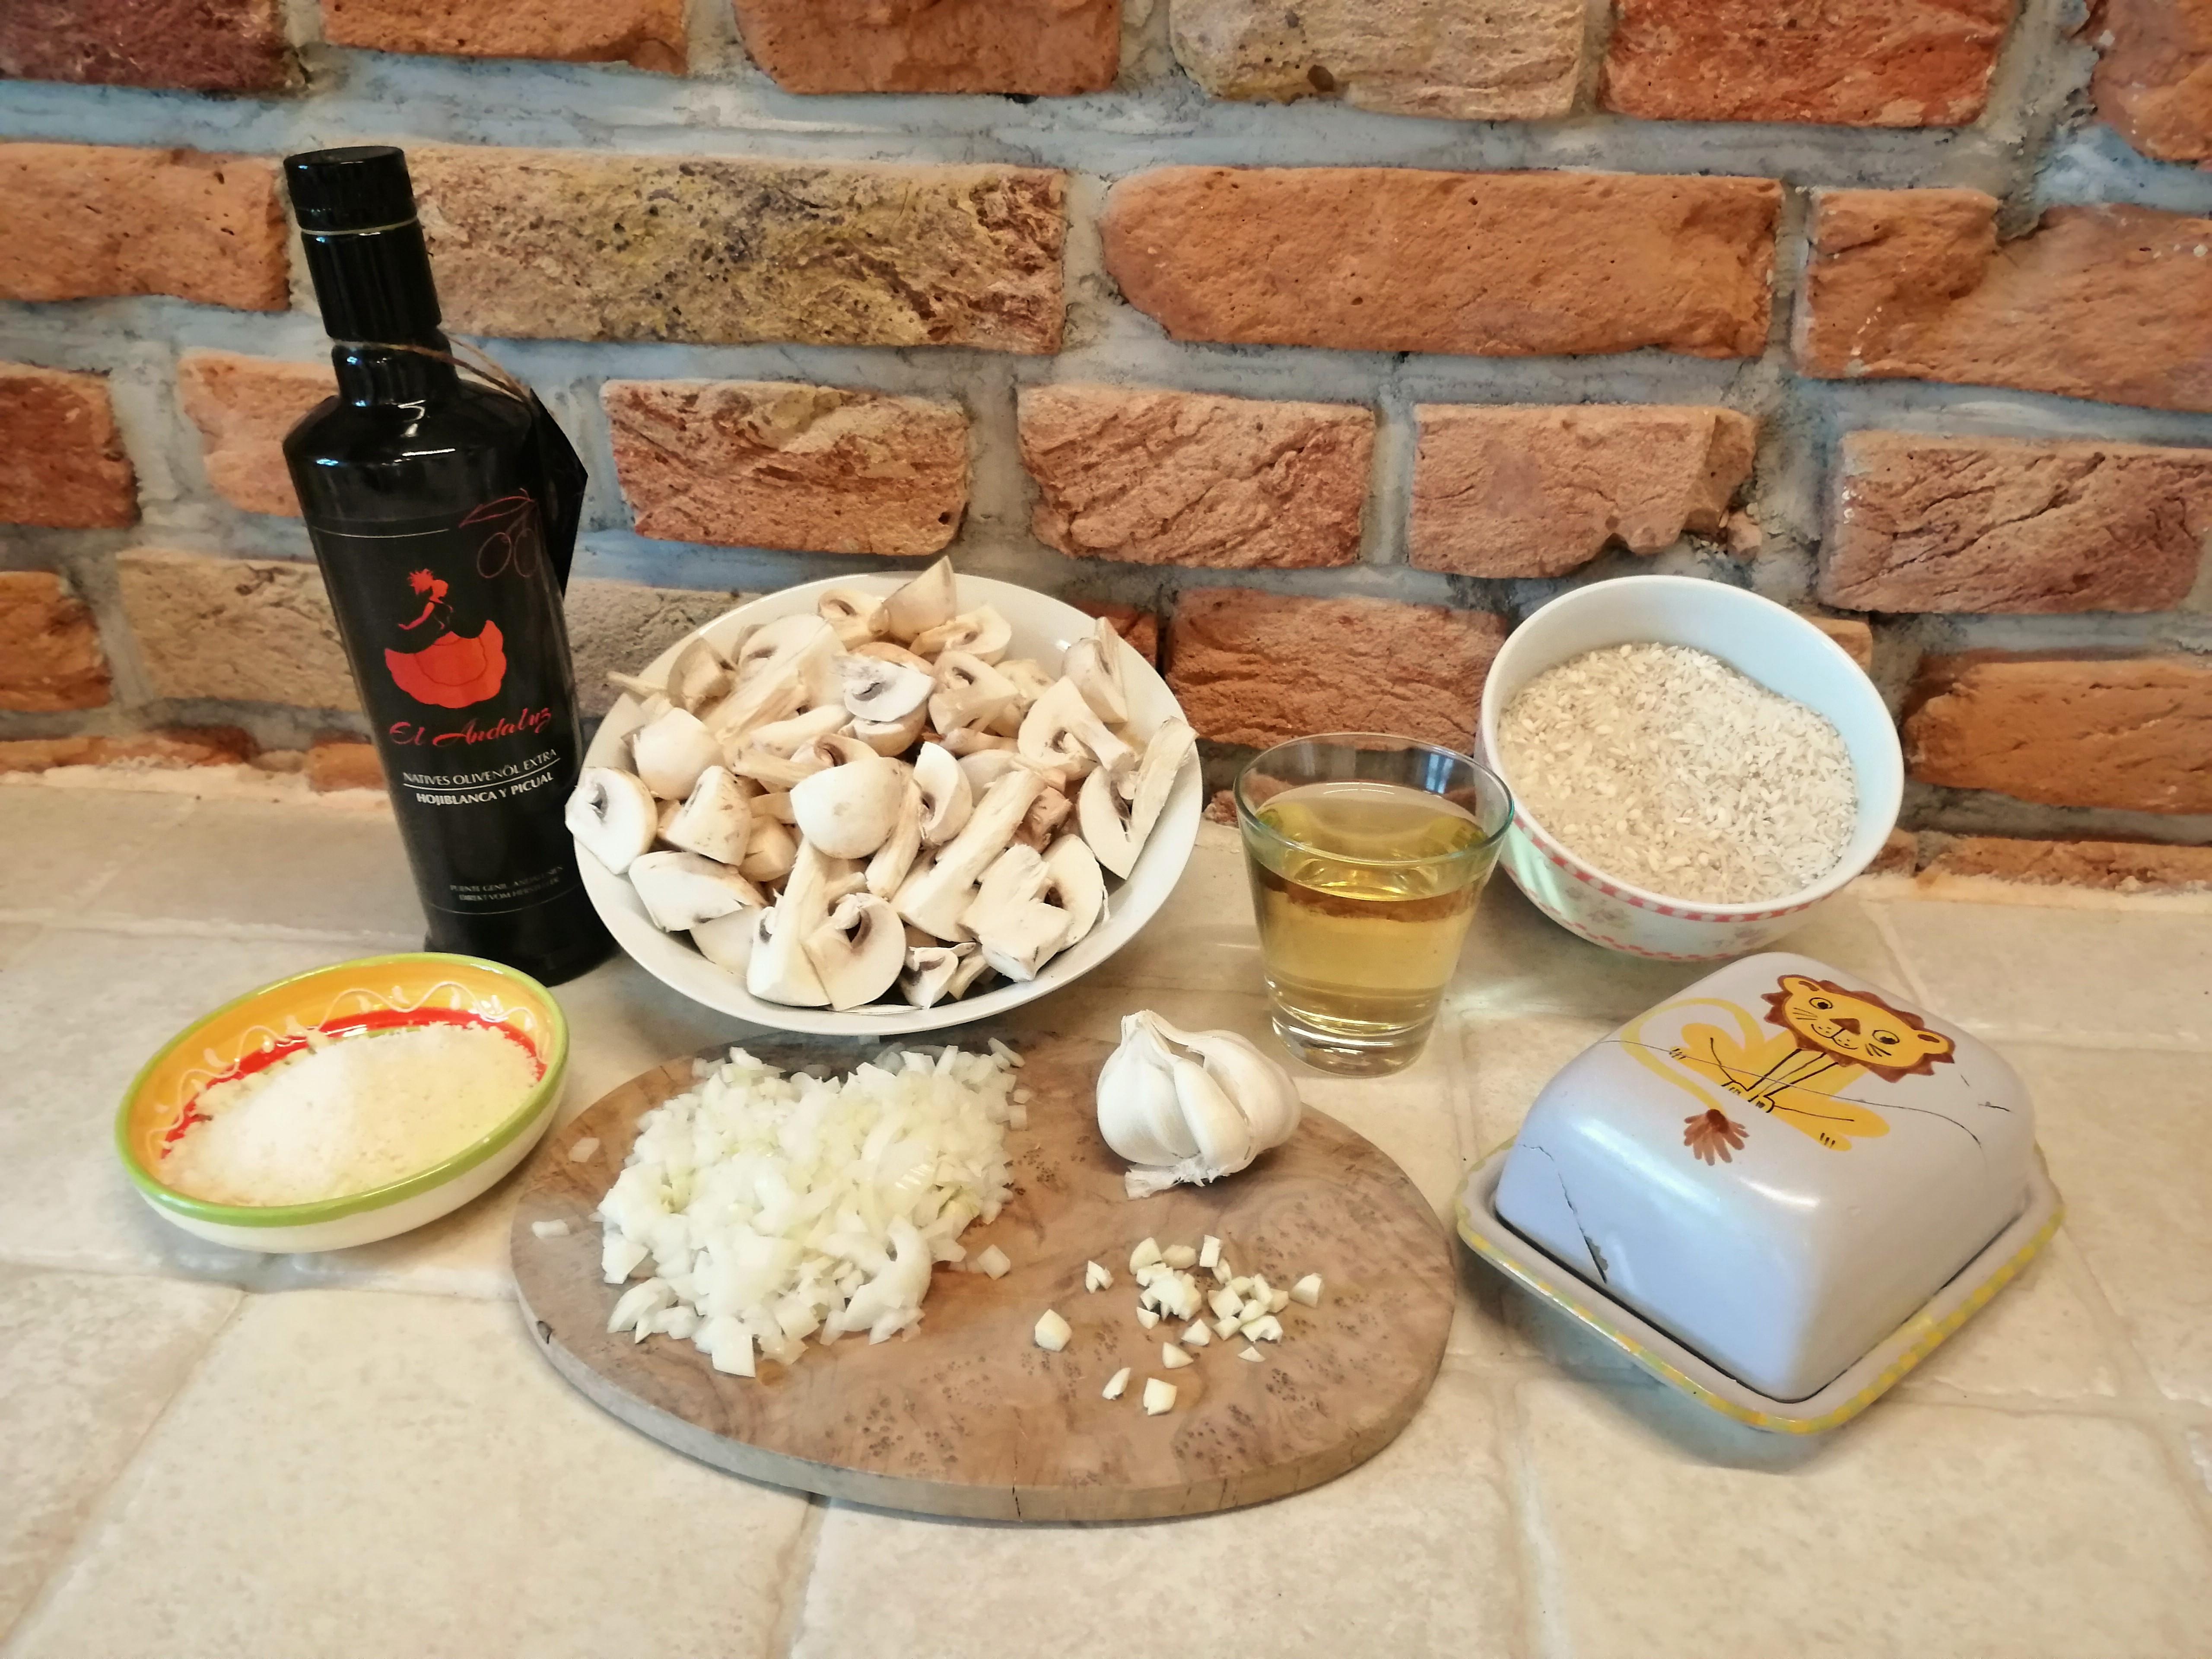 rezept-olivenoel-risotto-zutaten